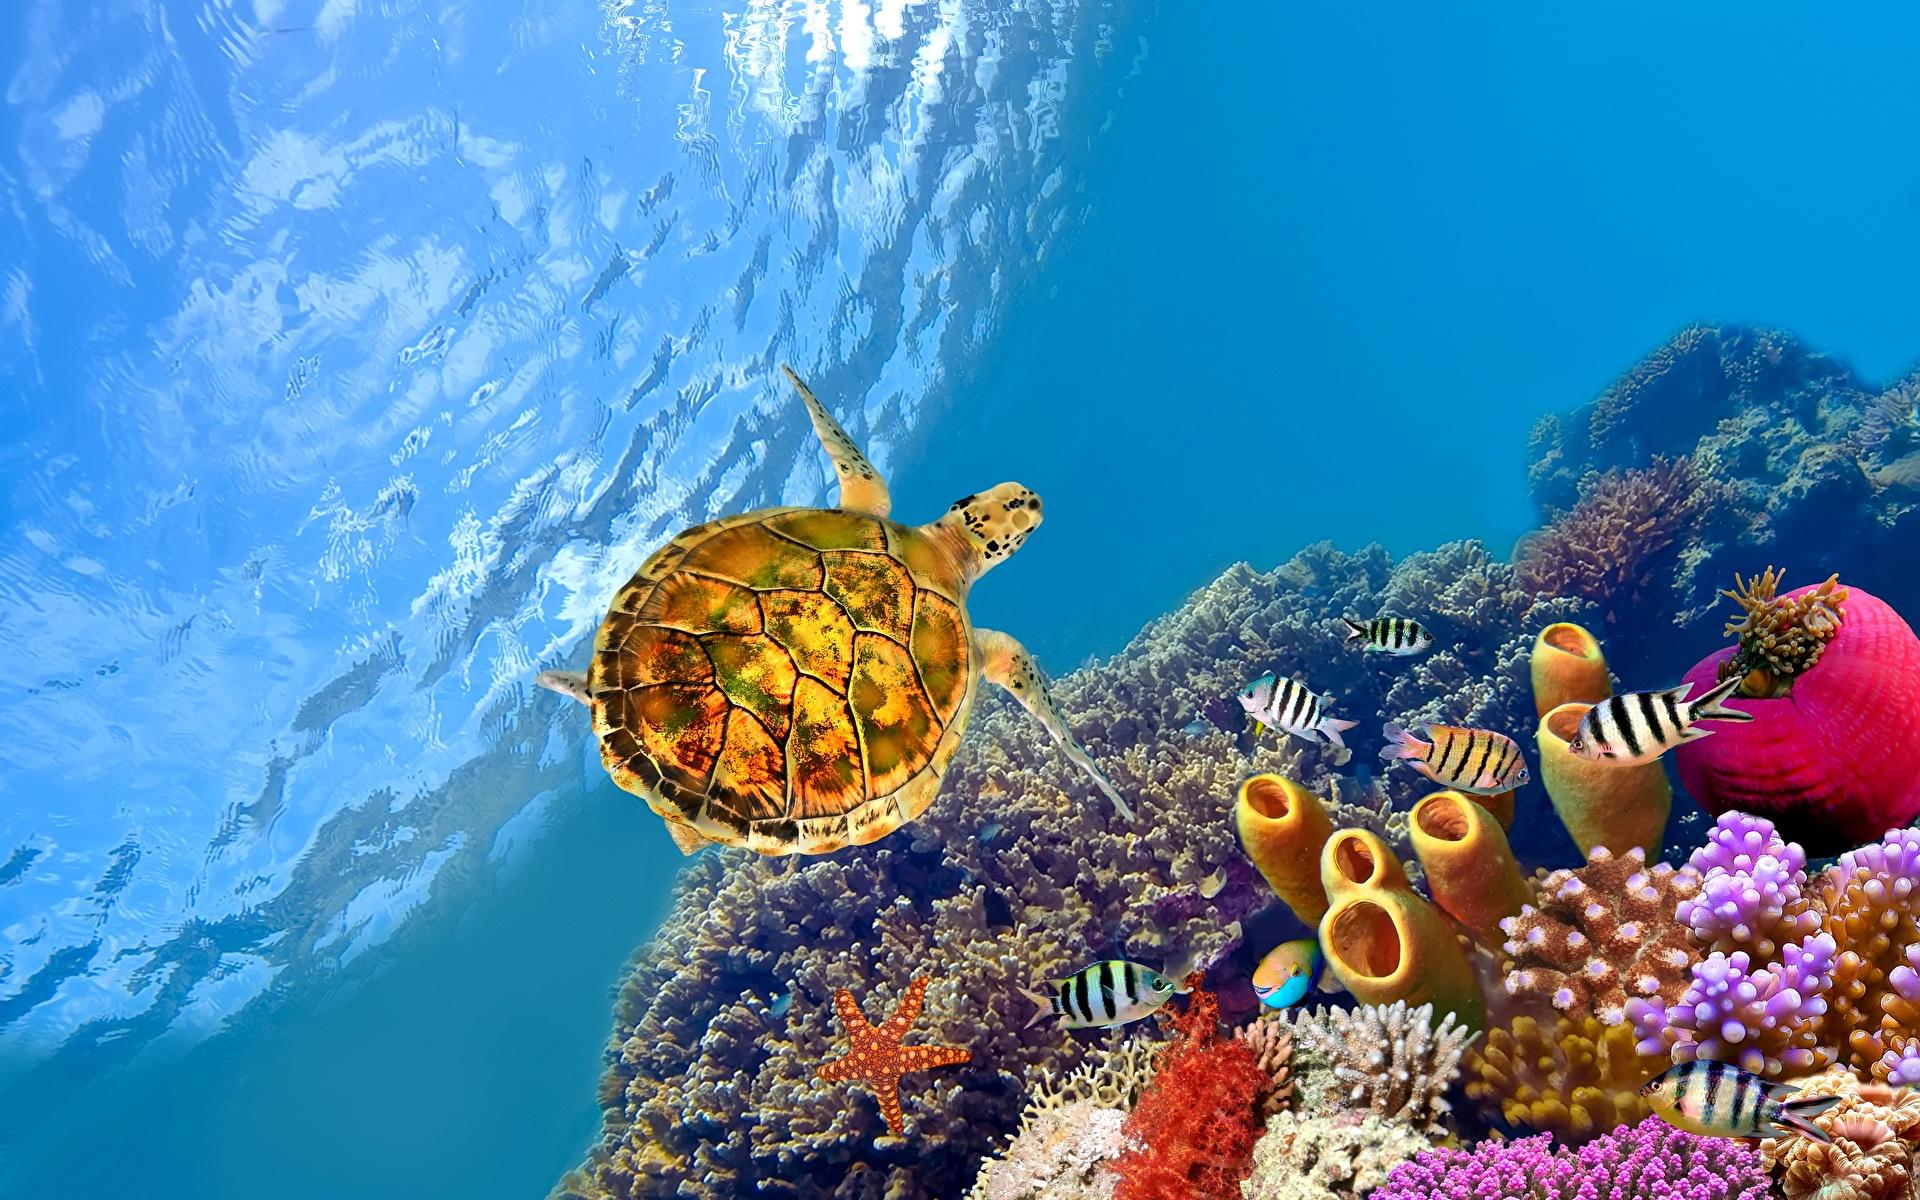 Обои для рабочего стола Рыбы Черепахи Подводный мир животное 1920x1200 Животные